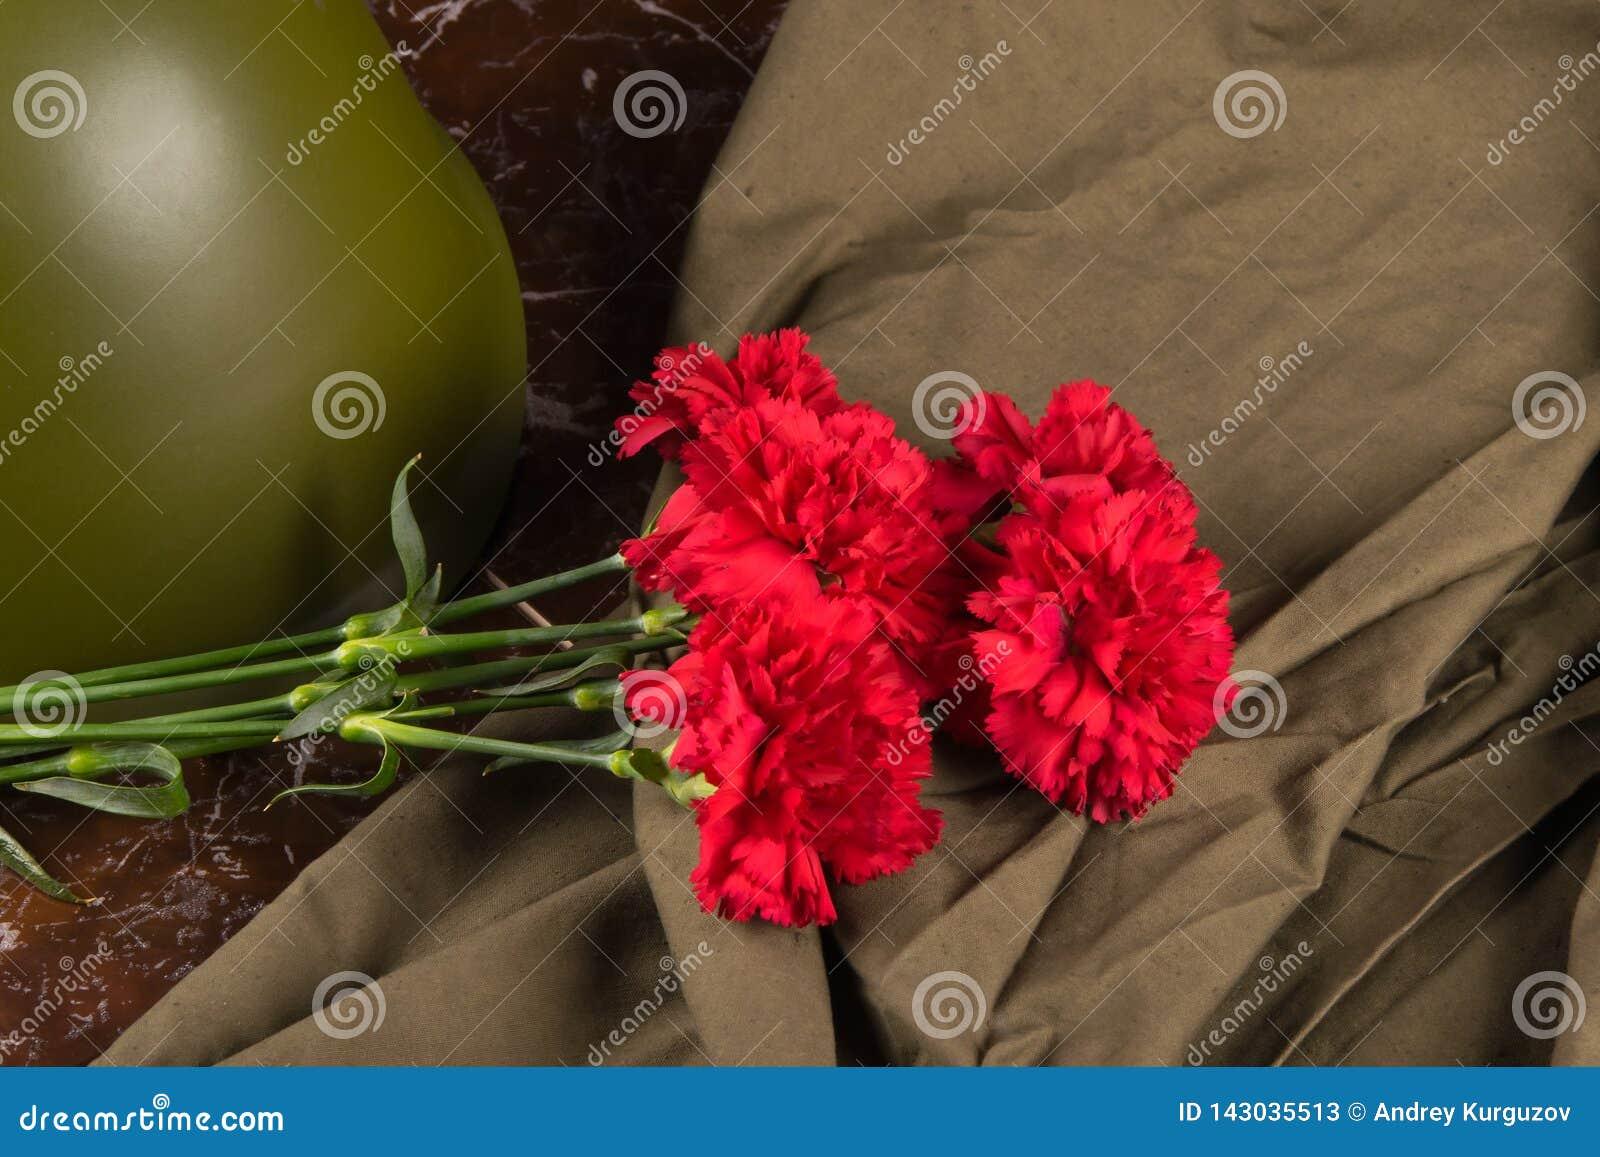 在一块大理石平板、红色康乃馨花束,一件军事盔甲和斗篷帐篷上